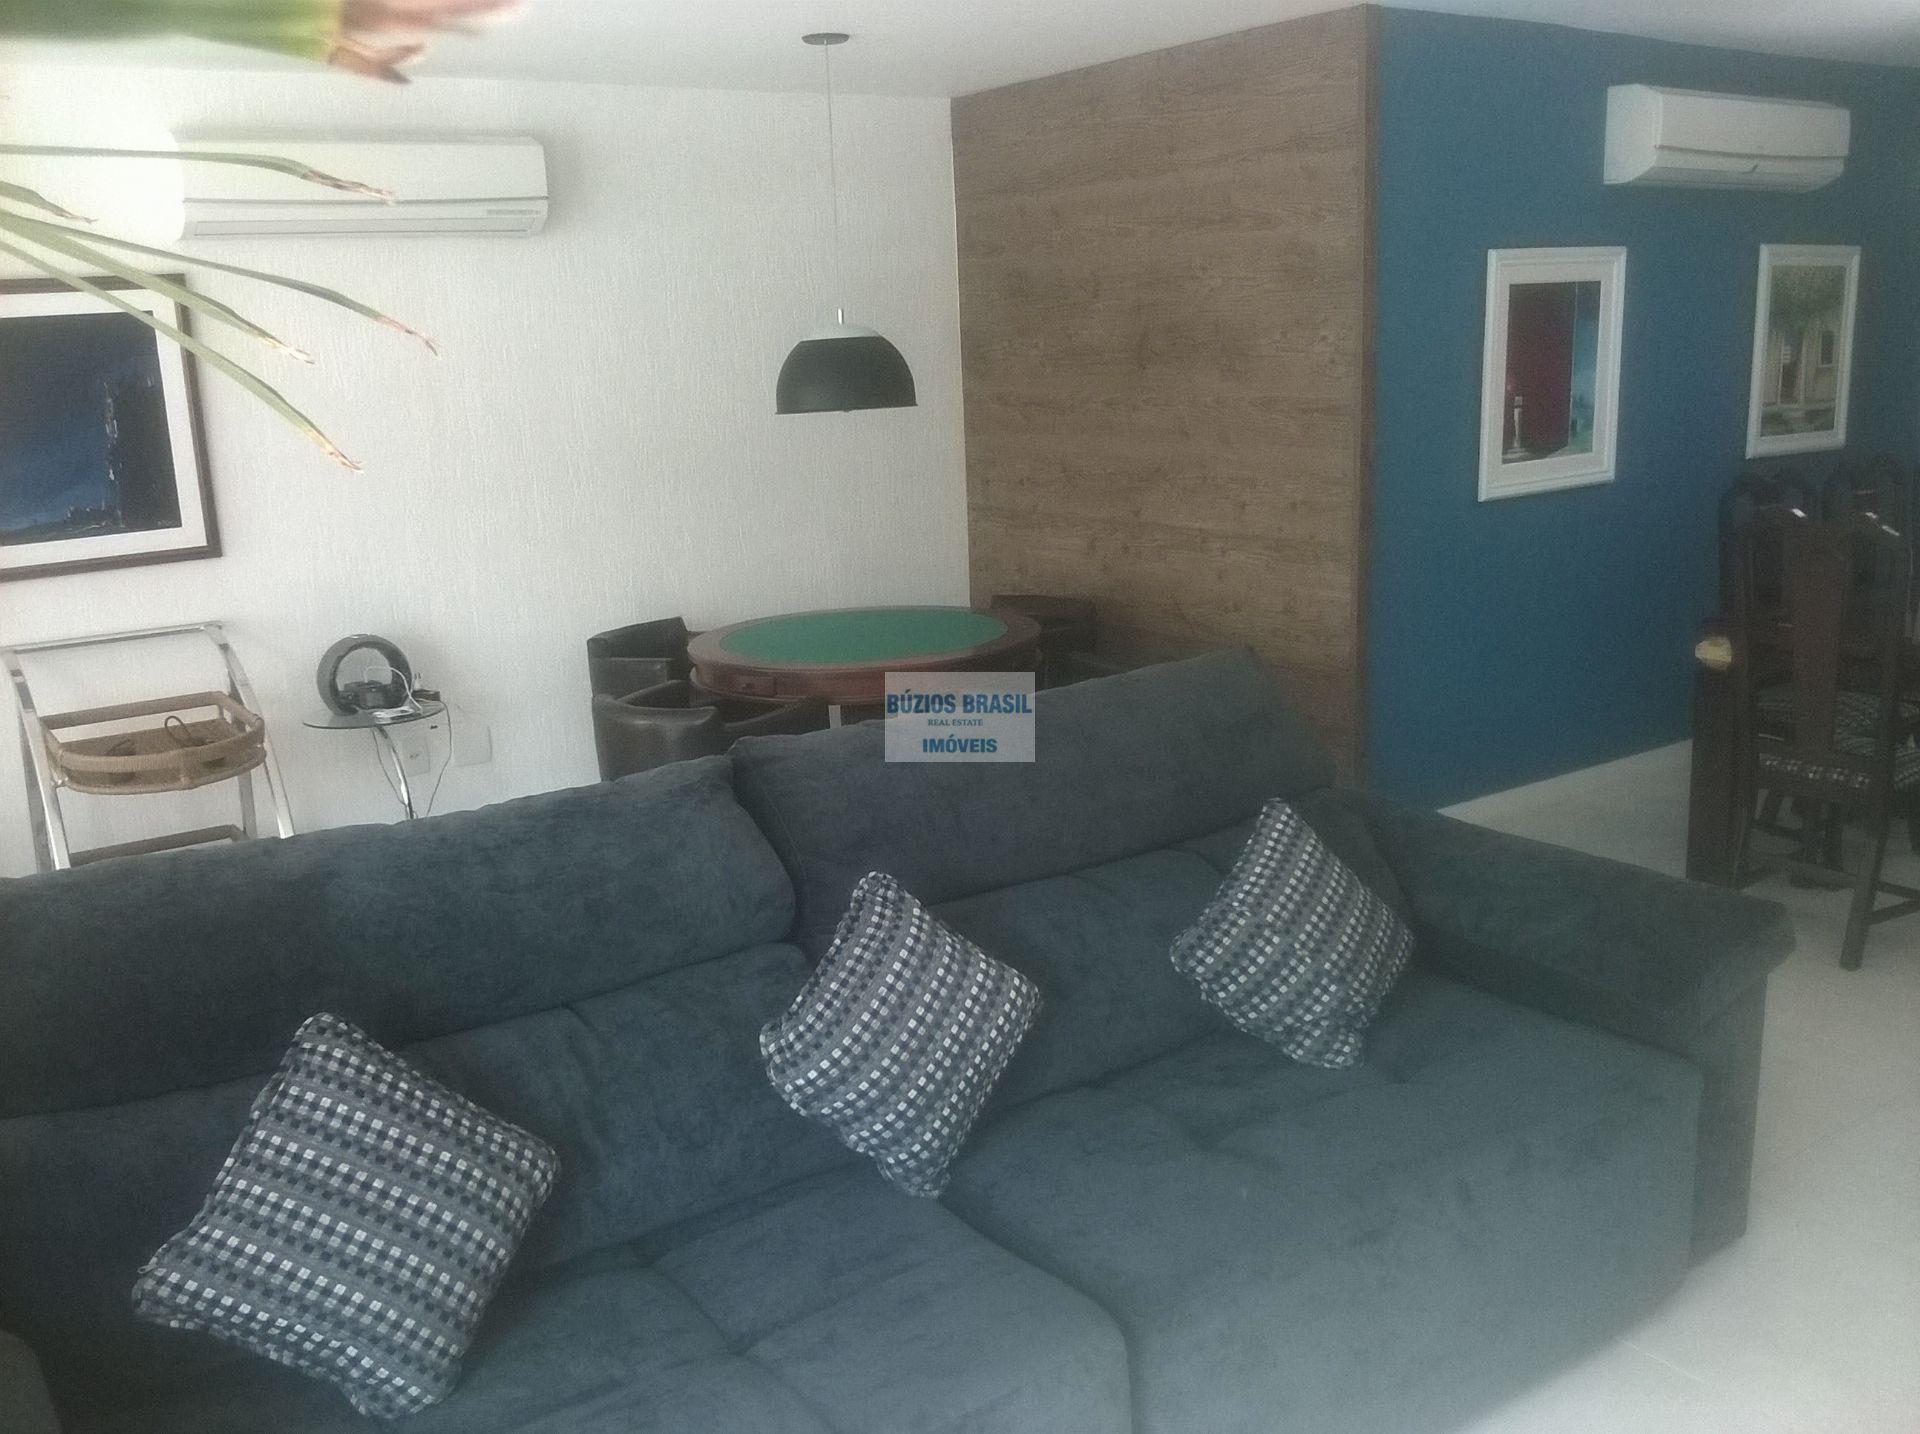 Casa em Condomínio para alugar Avenida José Bento Ribeiro Dantas,centro, Armação dos Búzios - LTC6 - 6